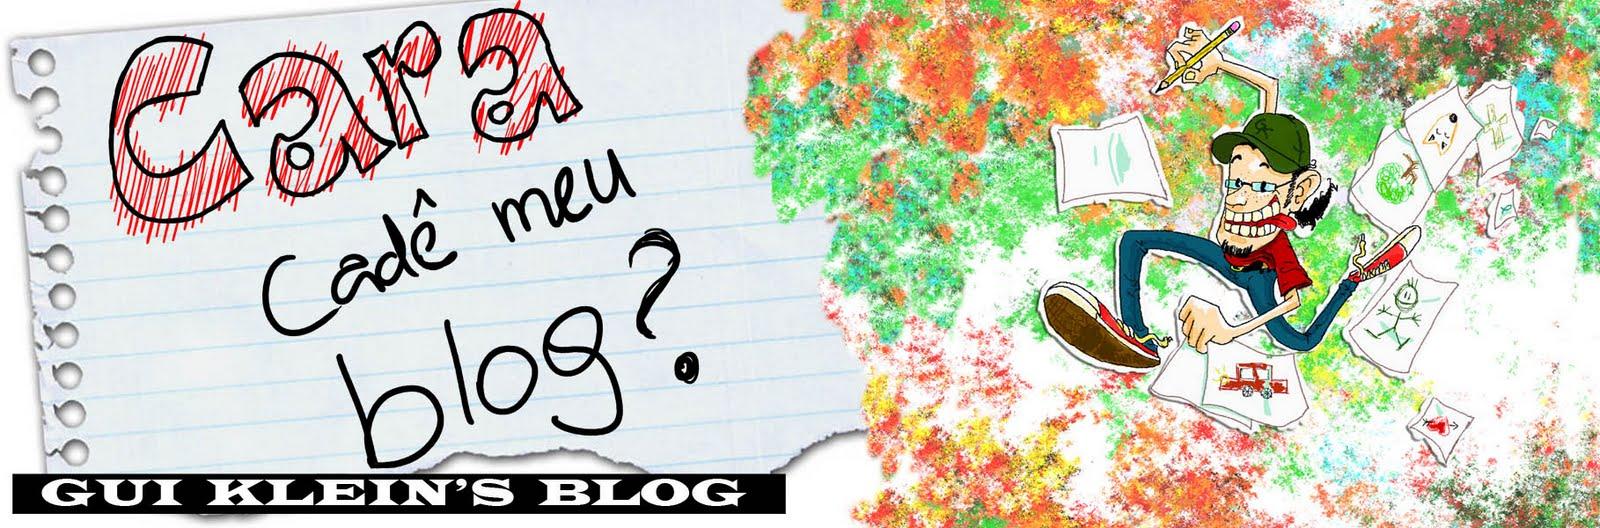 Cara, cadê meu blog ?